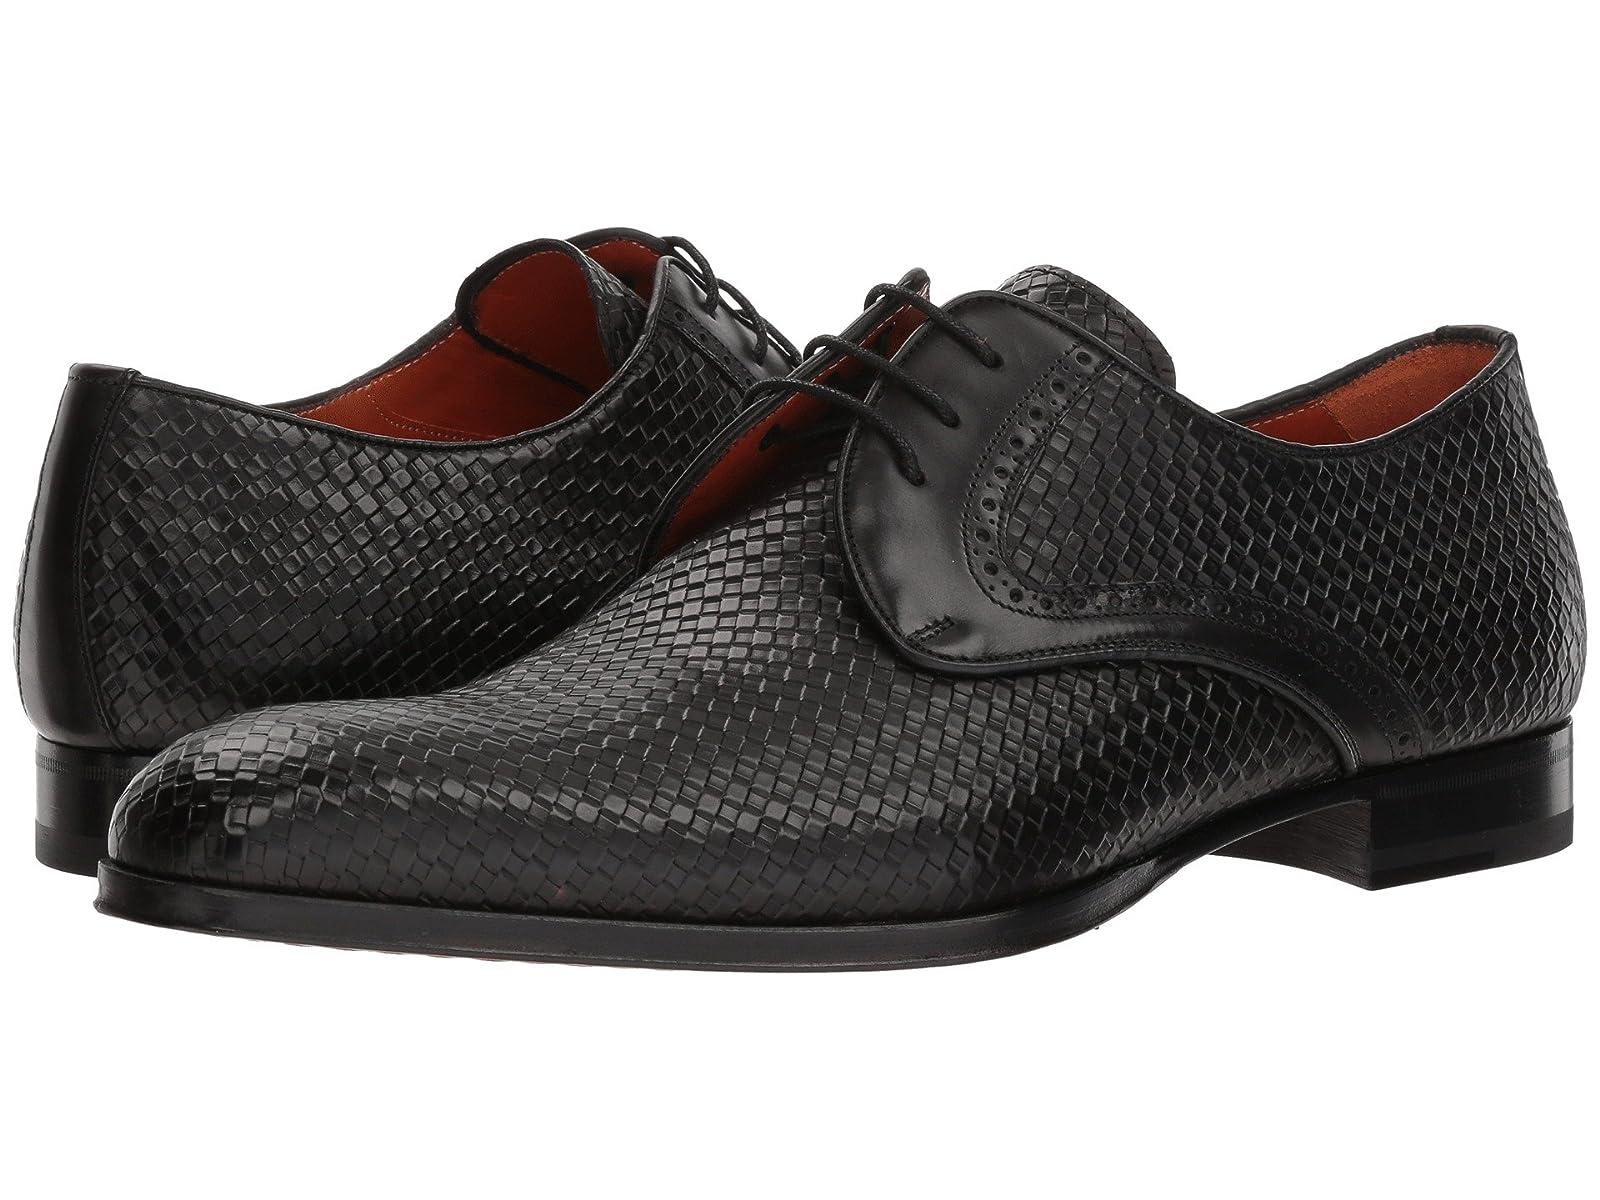 Mezlan SorbonneAtmospheric grades have affordable shoes